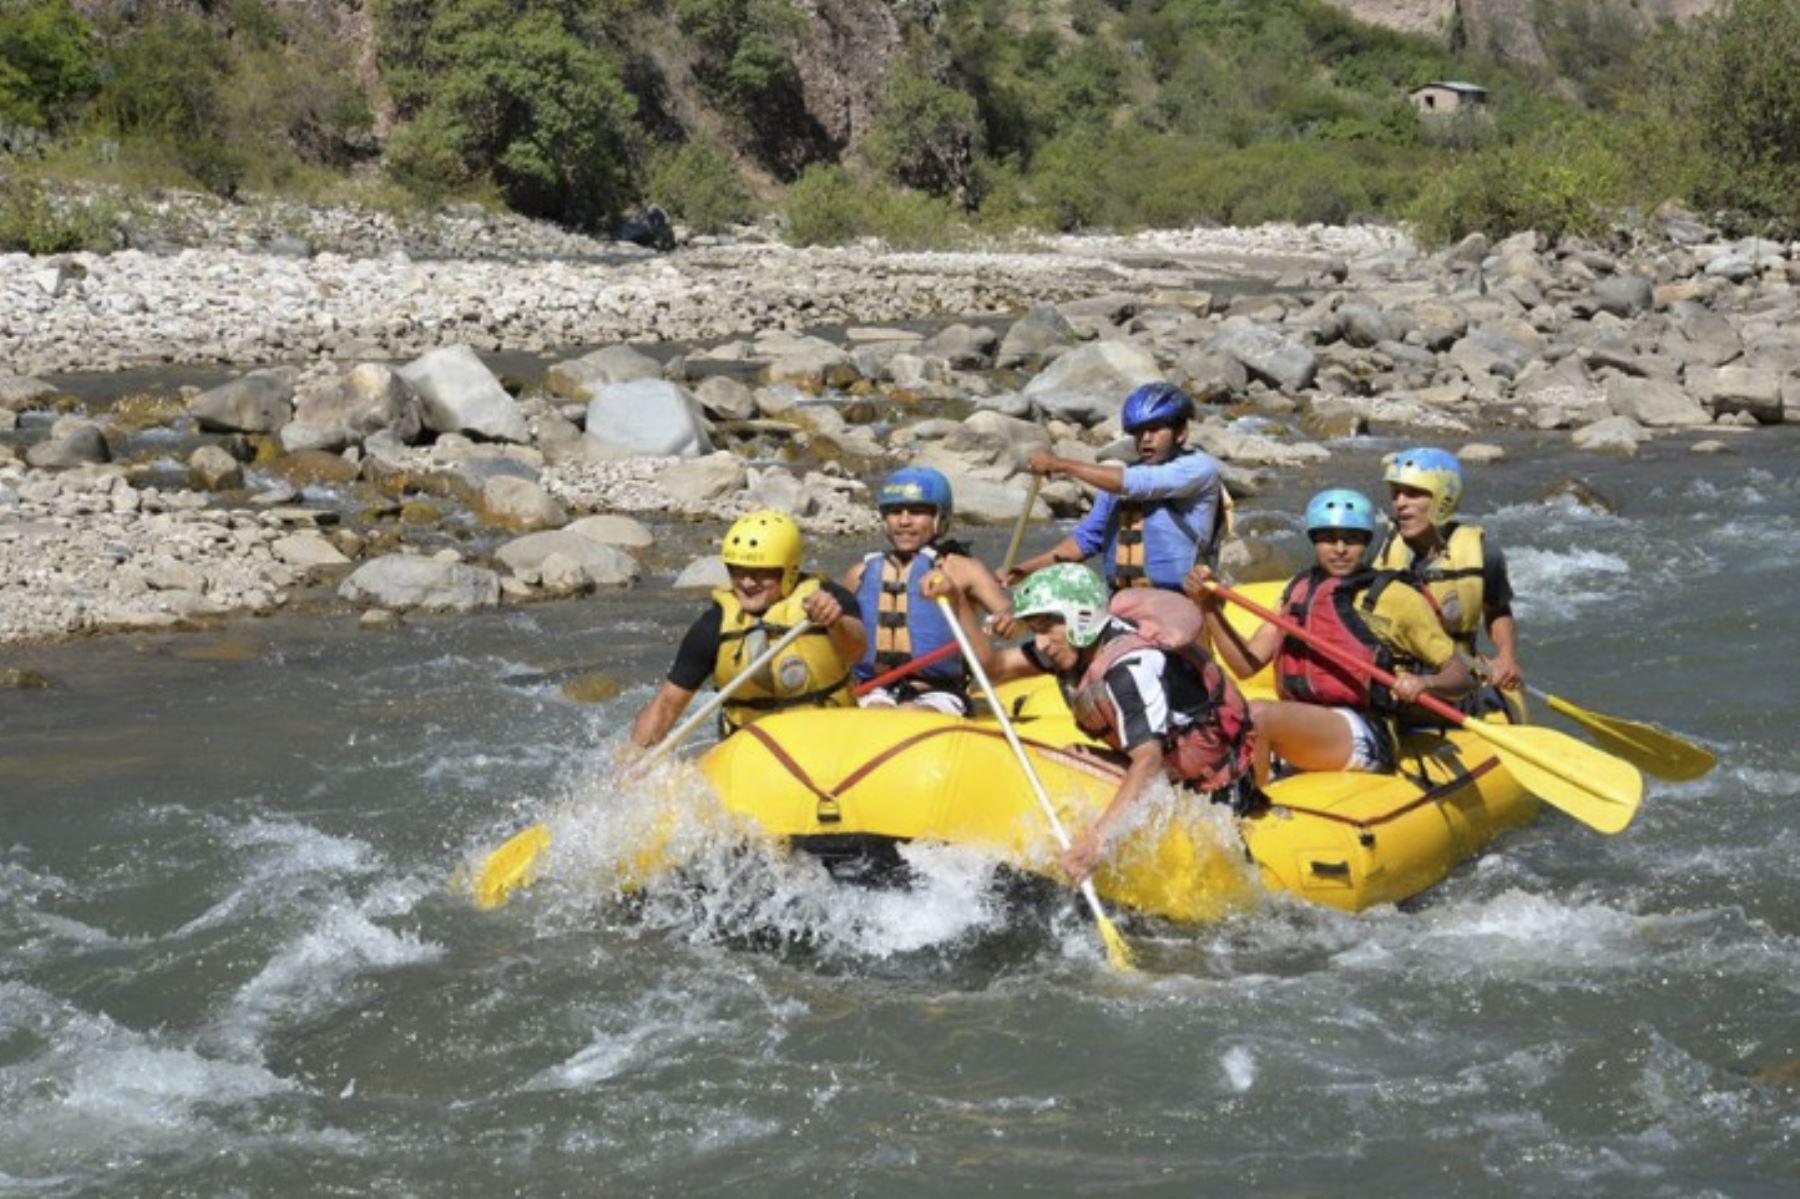 El canotaje es uno de los deportes de aventura que se puede practicar en la provincia de Oxapampa, en Pasco. ANDINA/Archivo